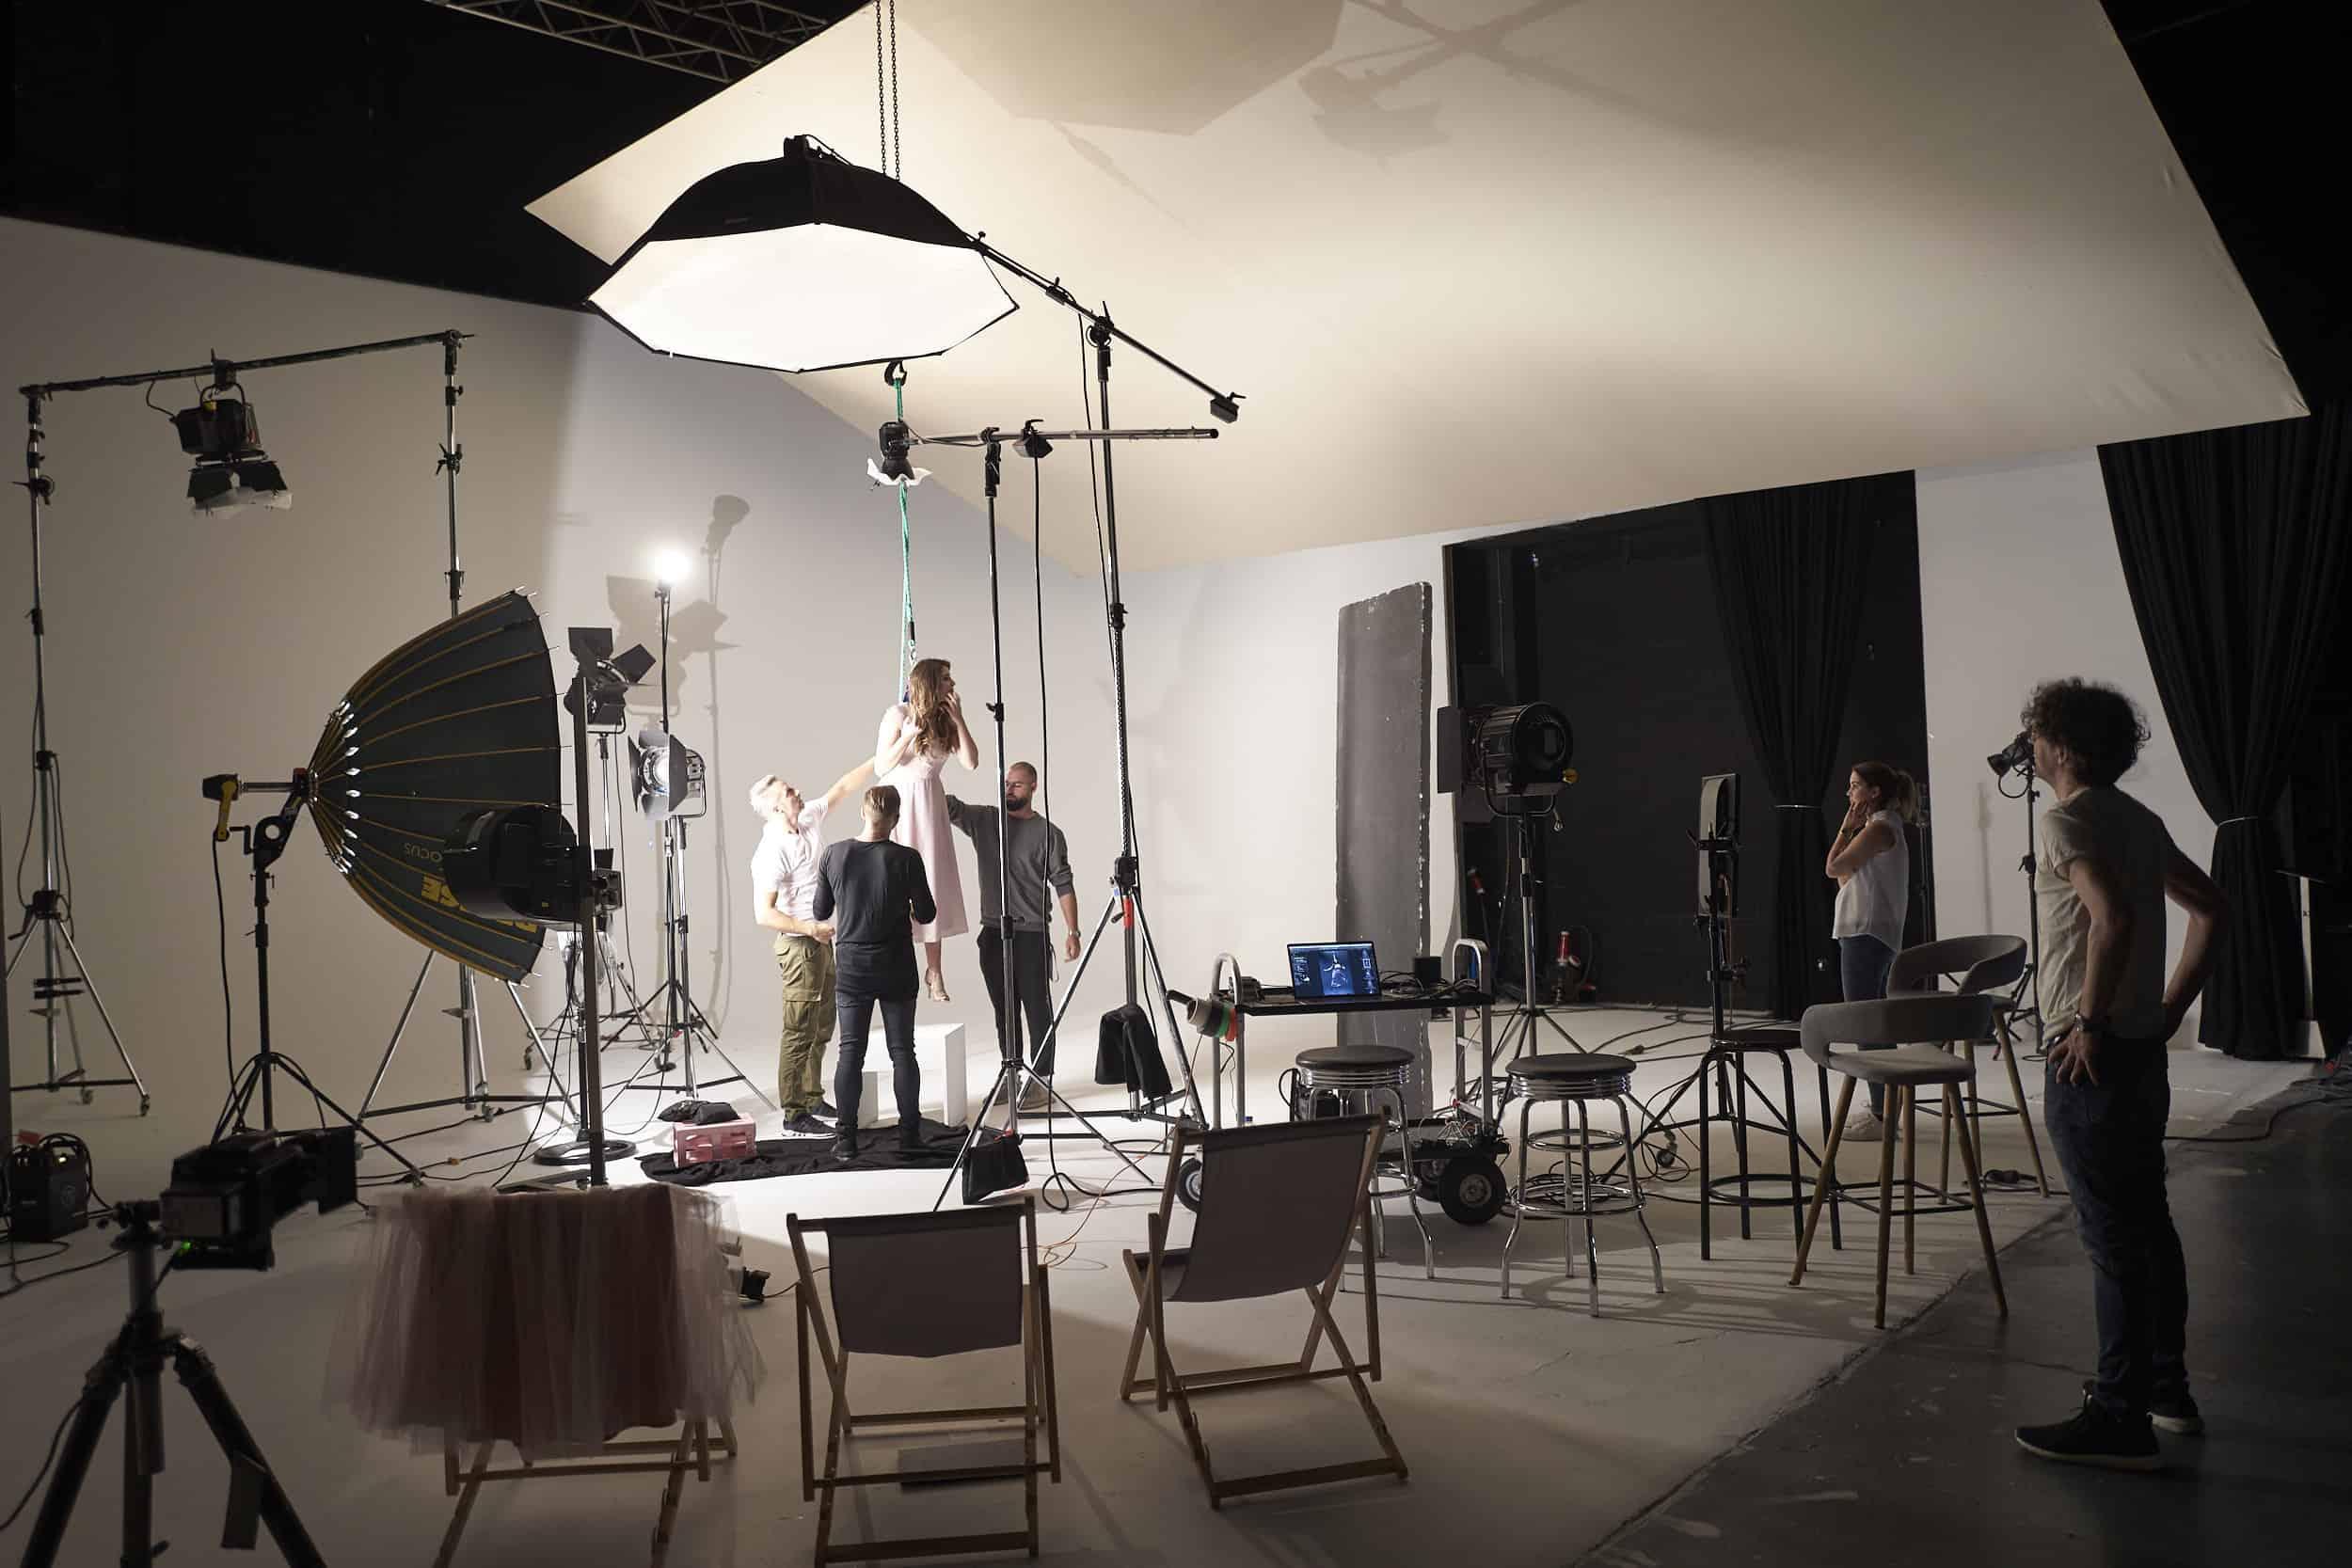 studio-ignatov-schweiz-grad-resort-bad-ragaz-imagekampgane-makingof-15